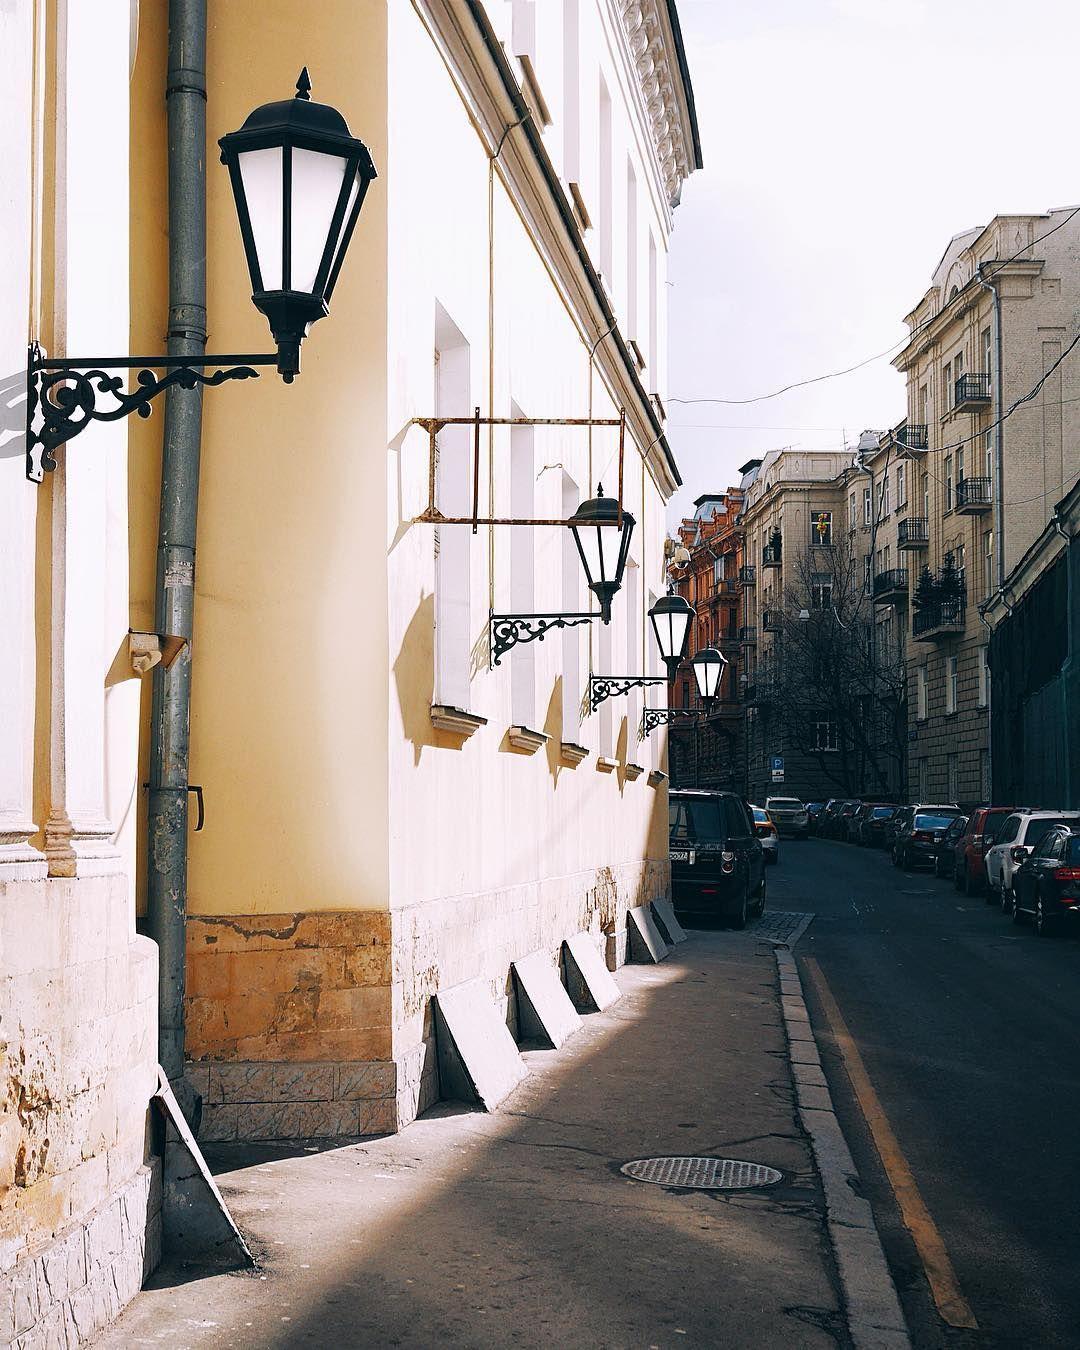 Неожиданные московские улочки с привкусом Европы. И все ...